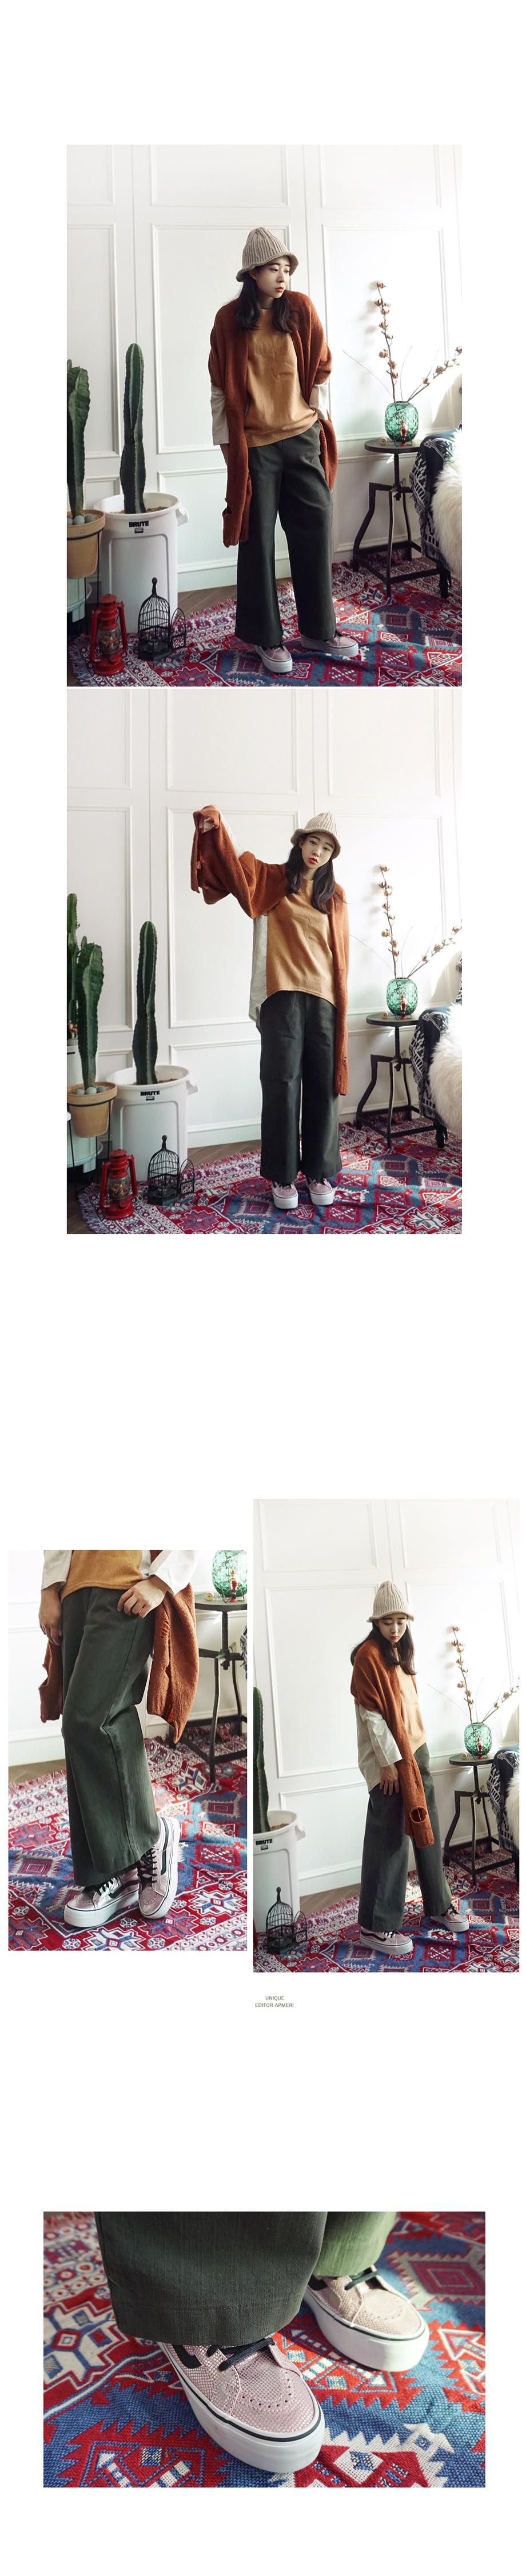 신축성이 좋은 도톰 와이드 코튼 밴딩팬츠 - 앞머리, 38,500원, 하의, 와이드팬츠